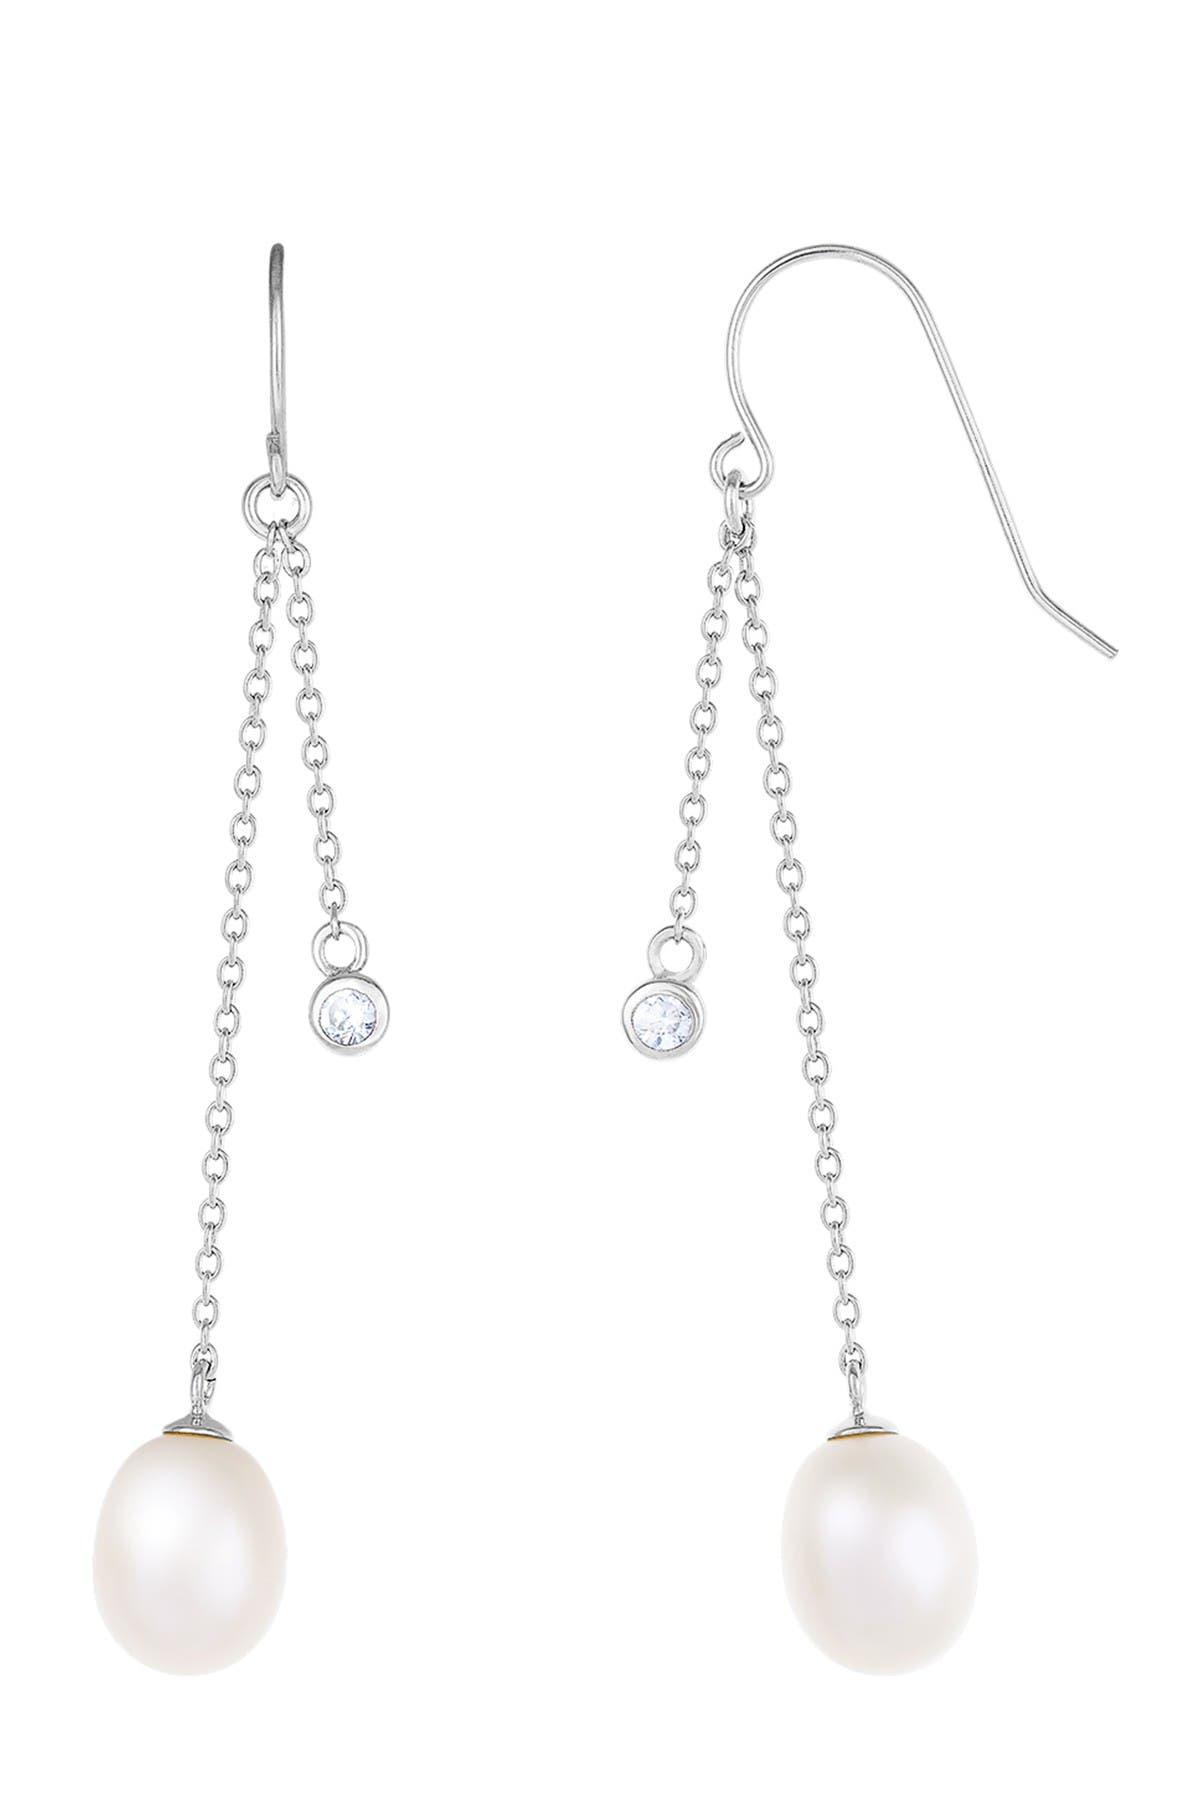 Image of Splendid Pearls Dangling Silver Pearl Earrings